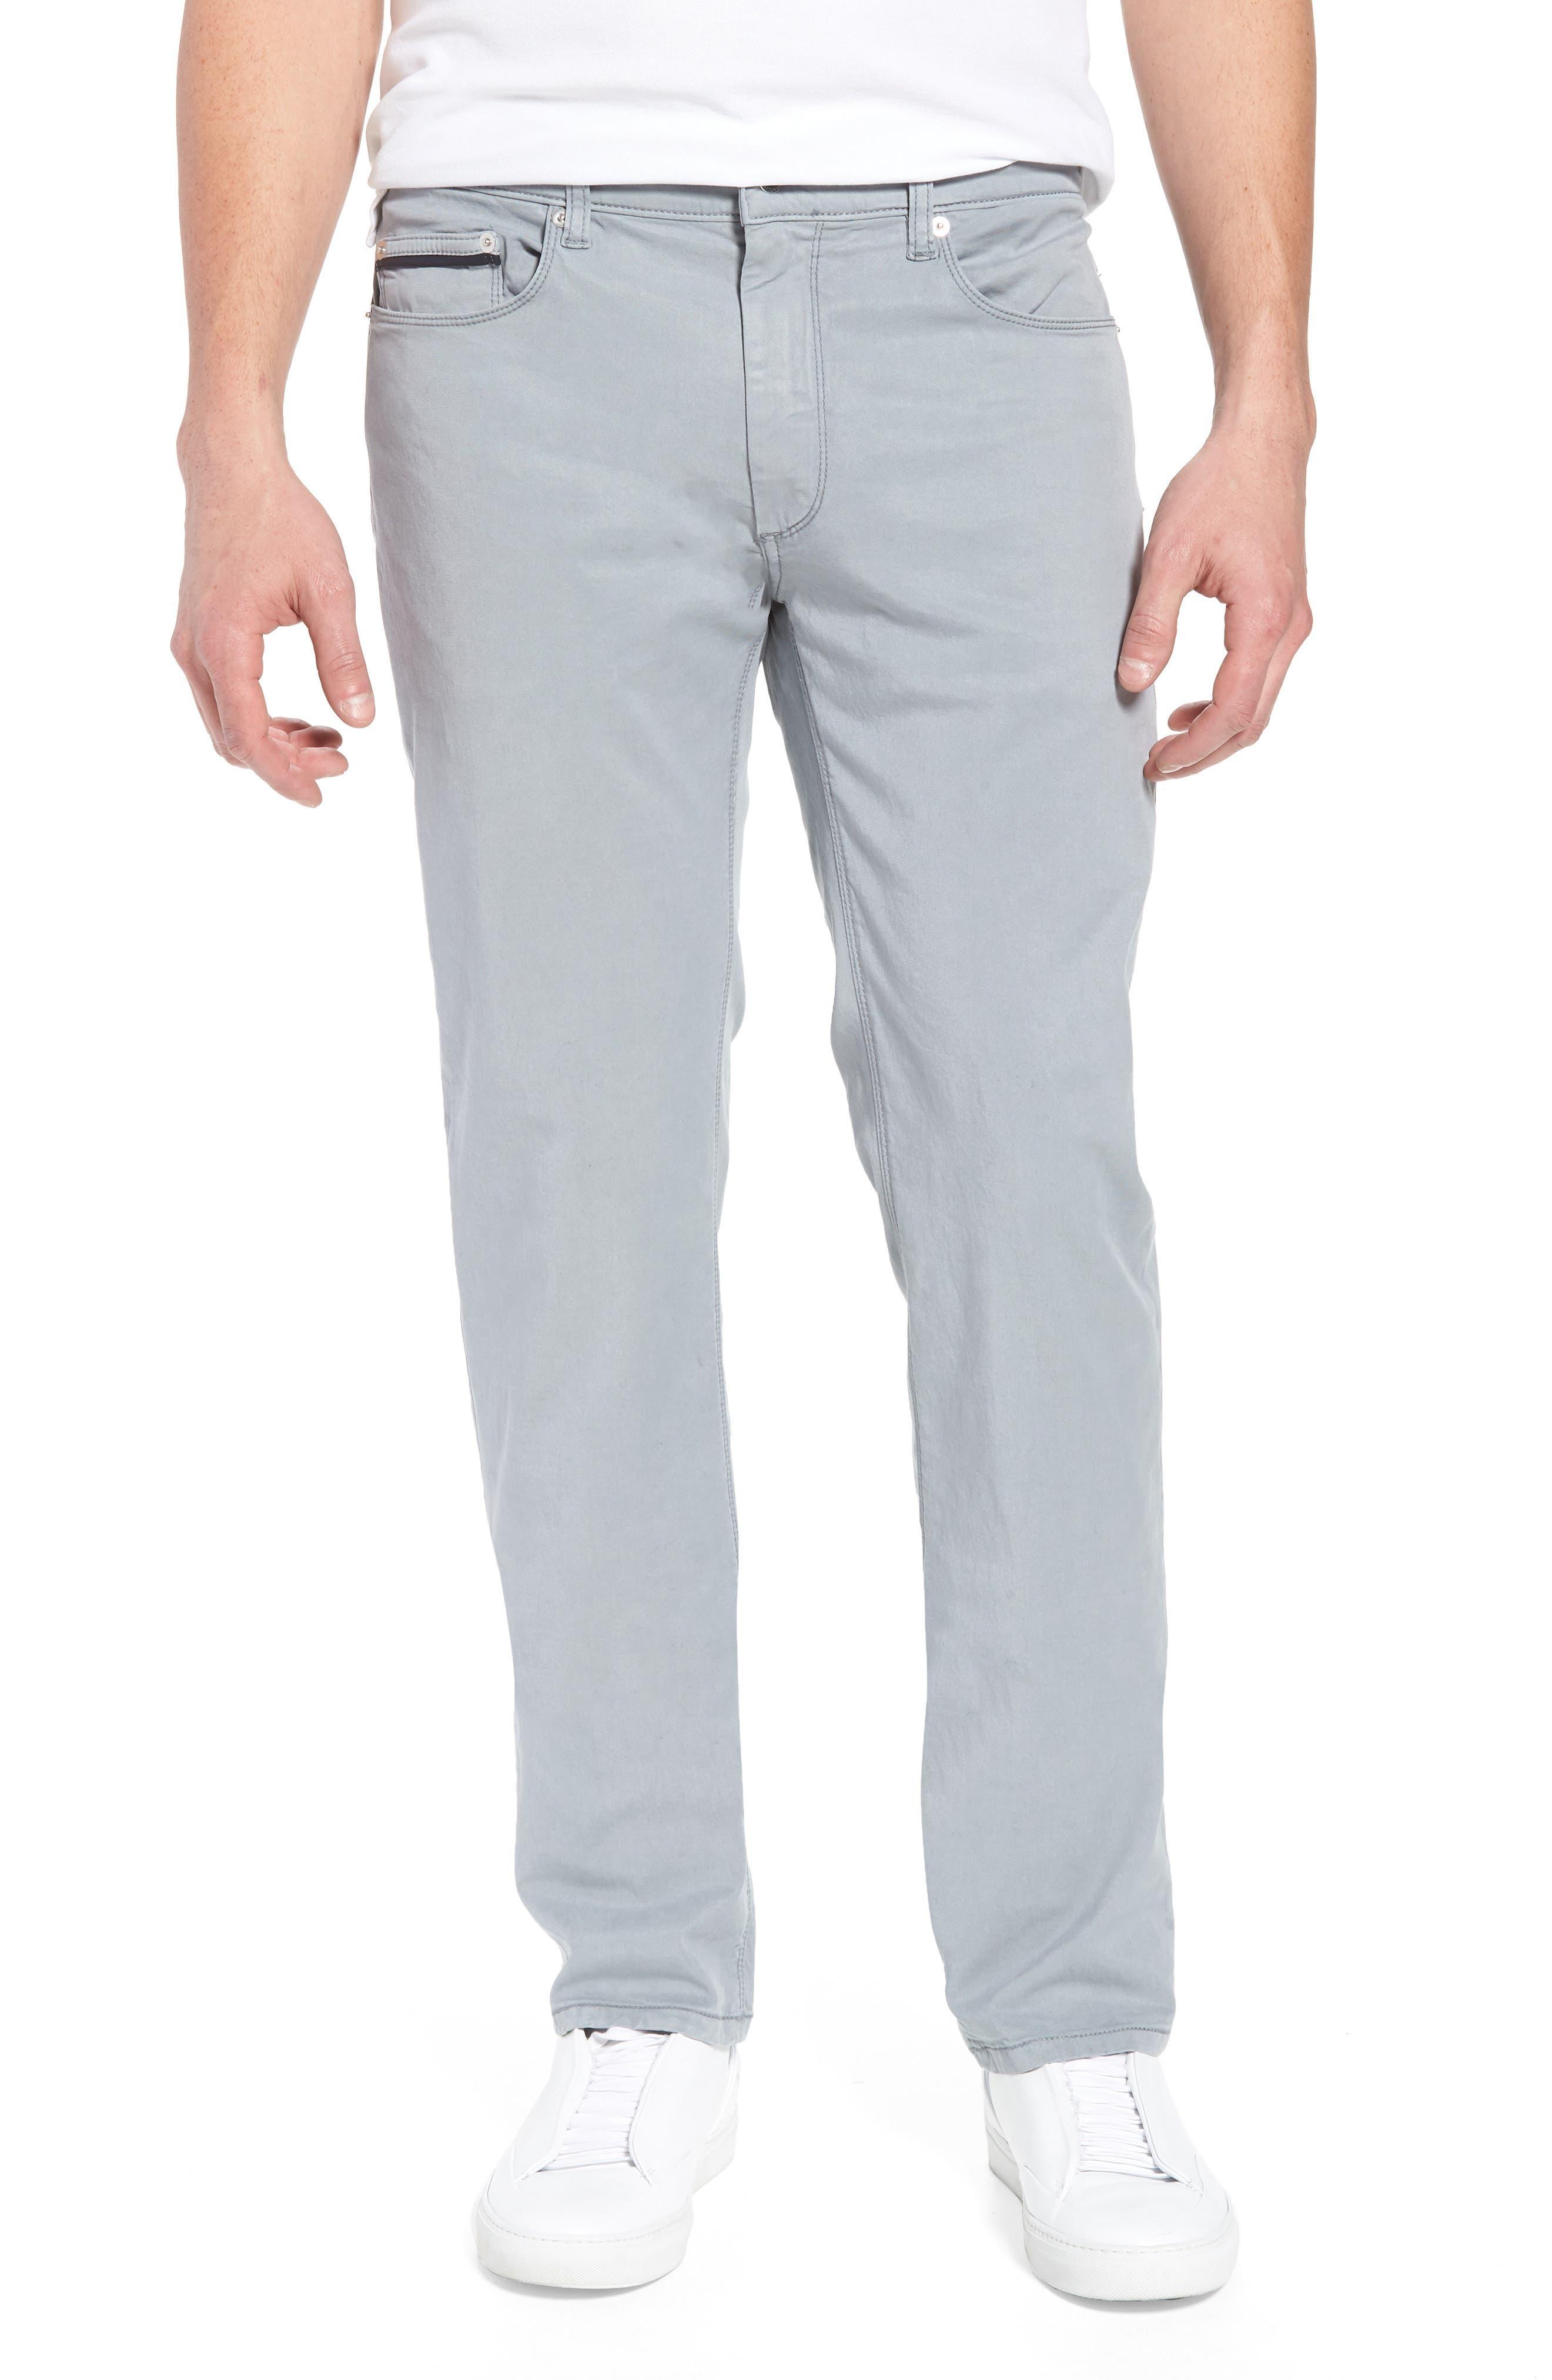 Trim Fit Pants,                         Main,                         color, Stone